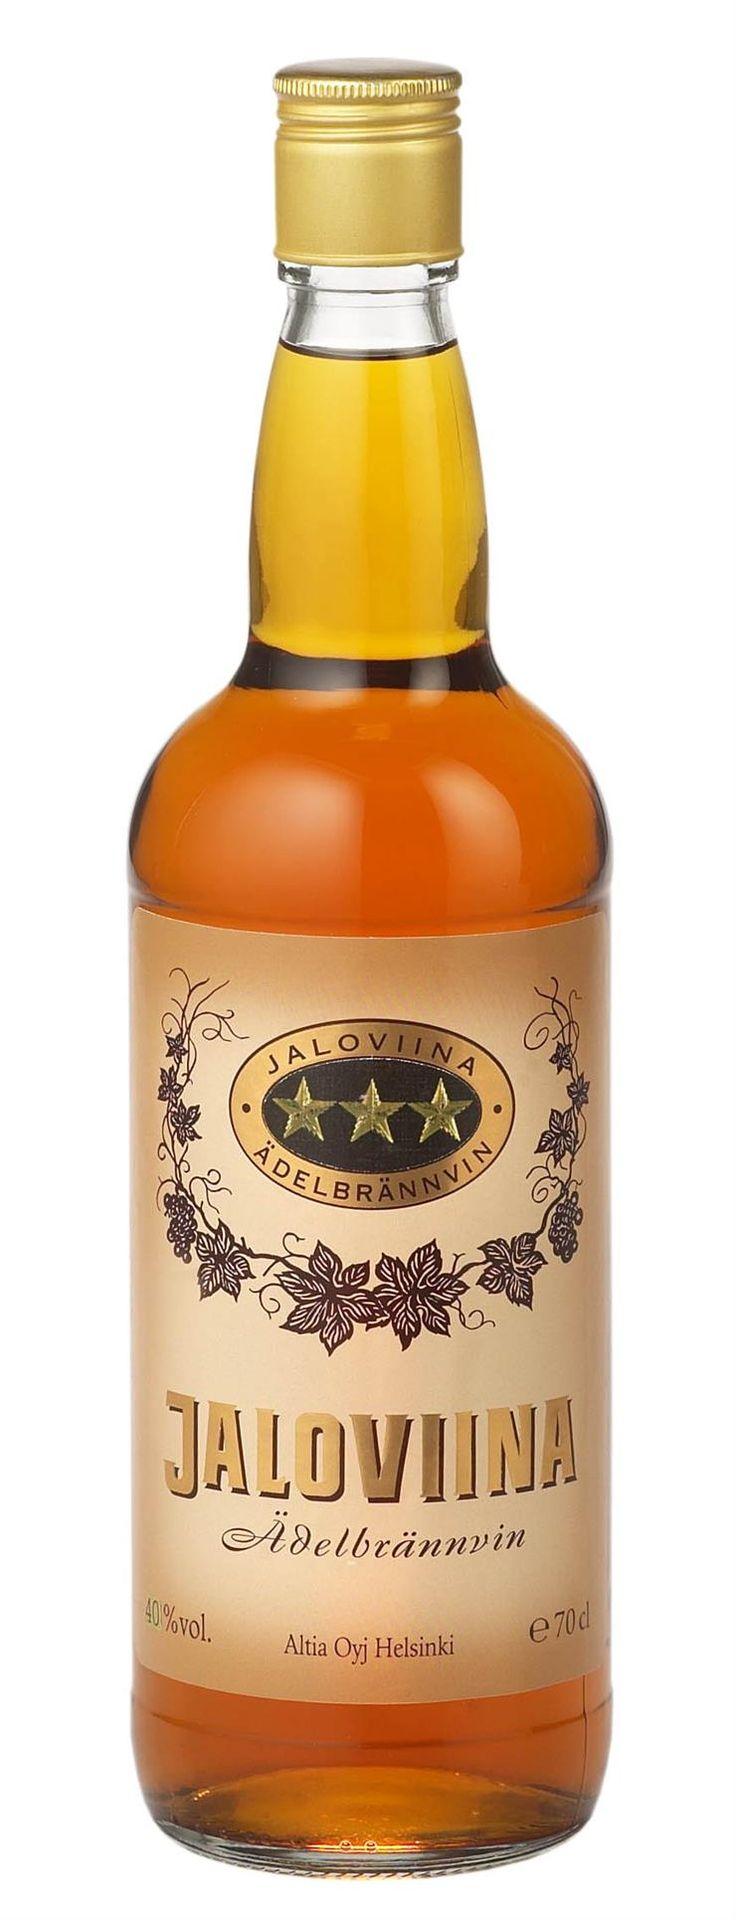 Jaloviina - Ädelbrännvin - Kolmen tähden Jallu ... #viina #alkoholi #mainos